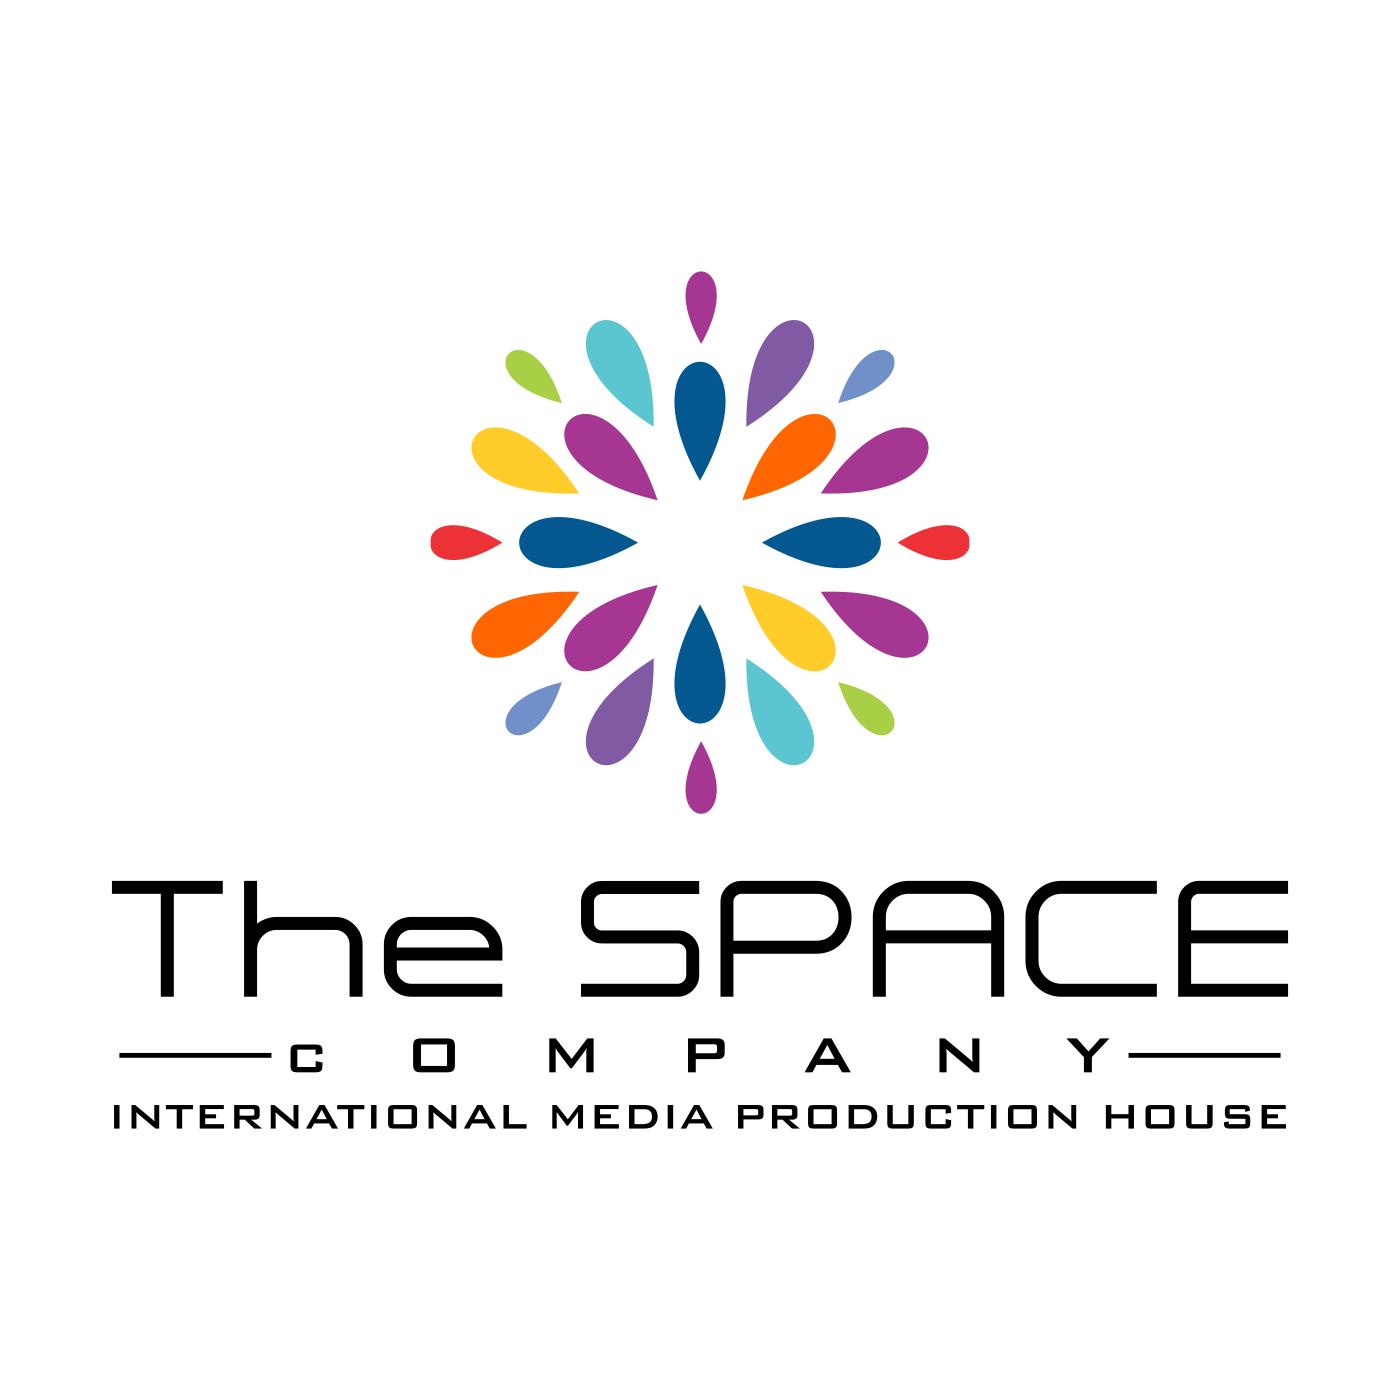 The SPACE Company v2.jpg